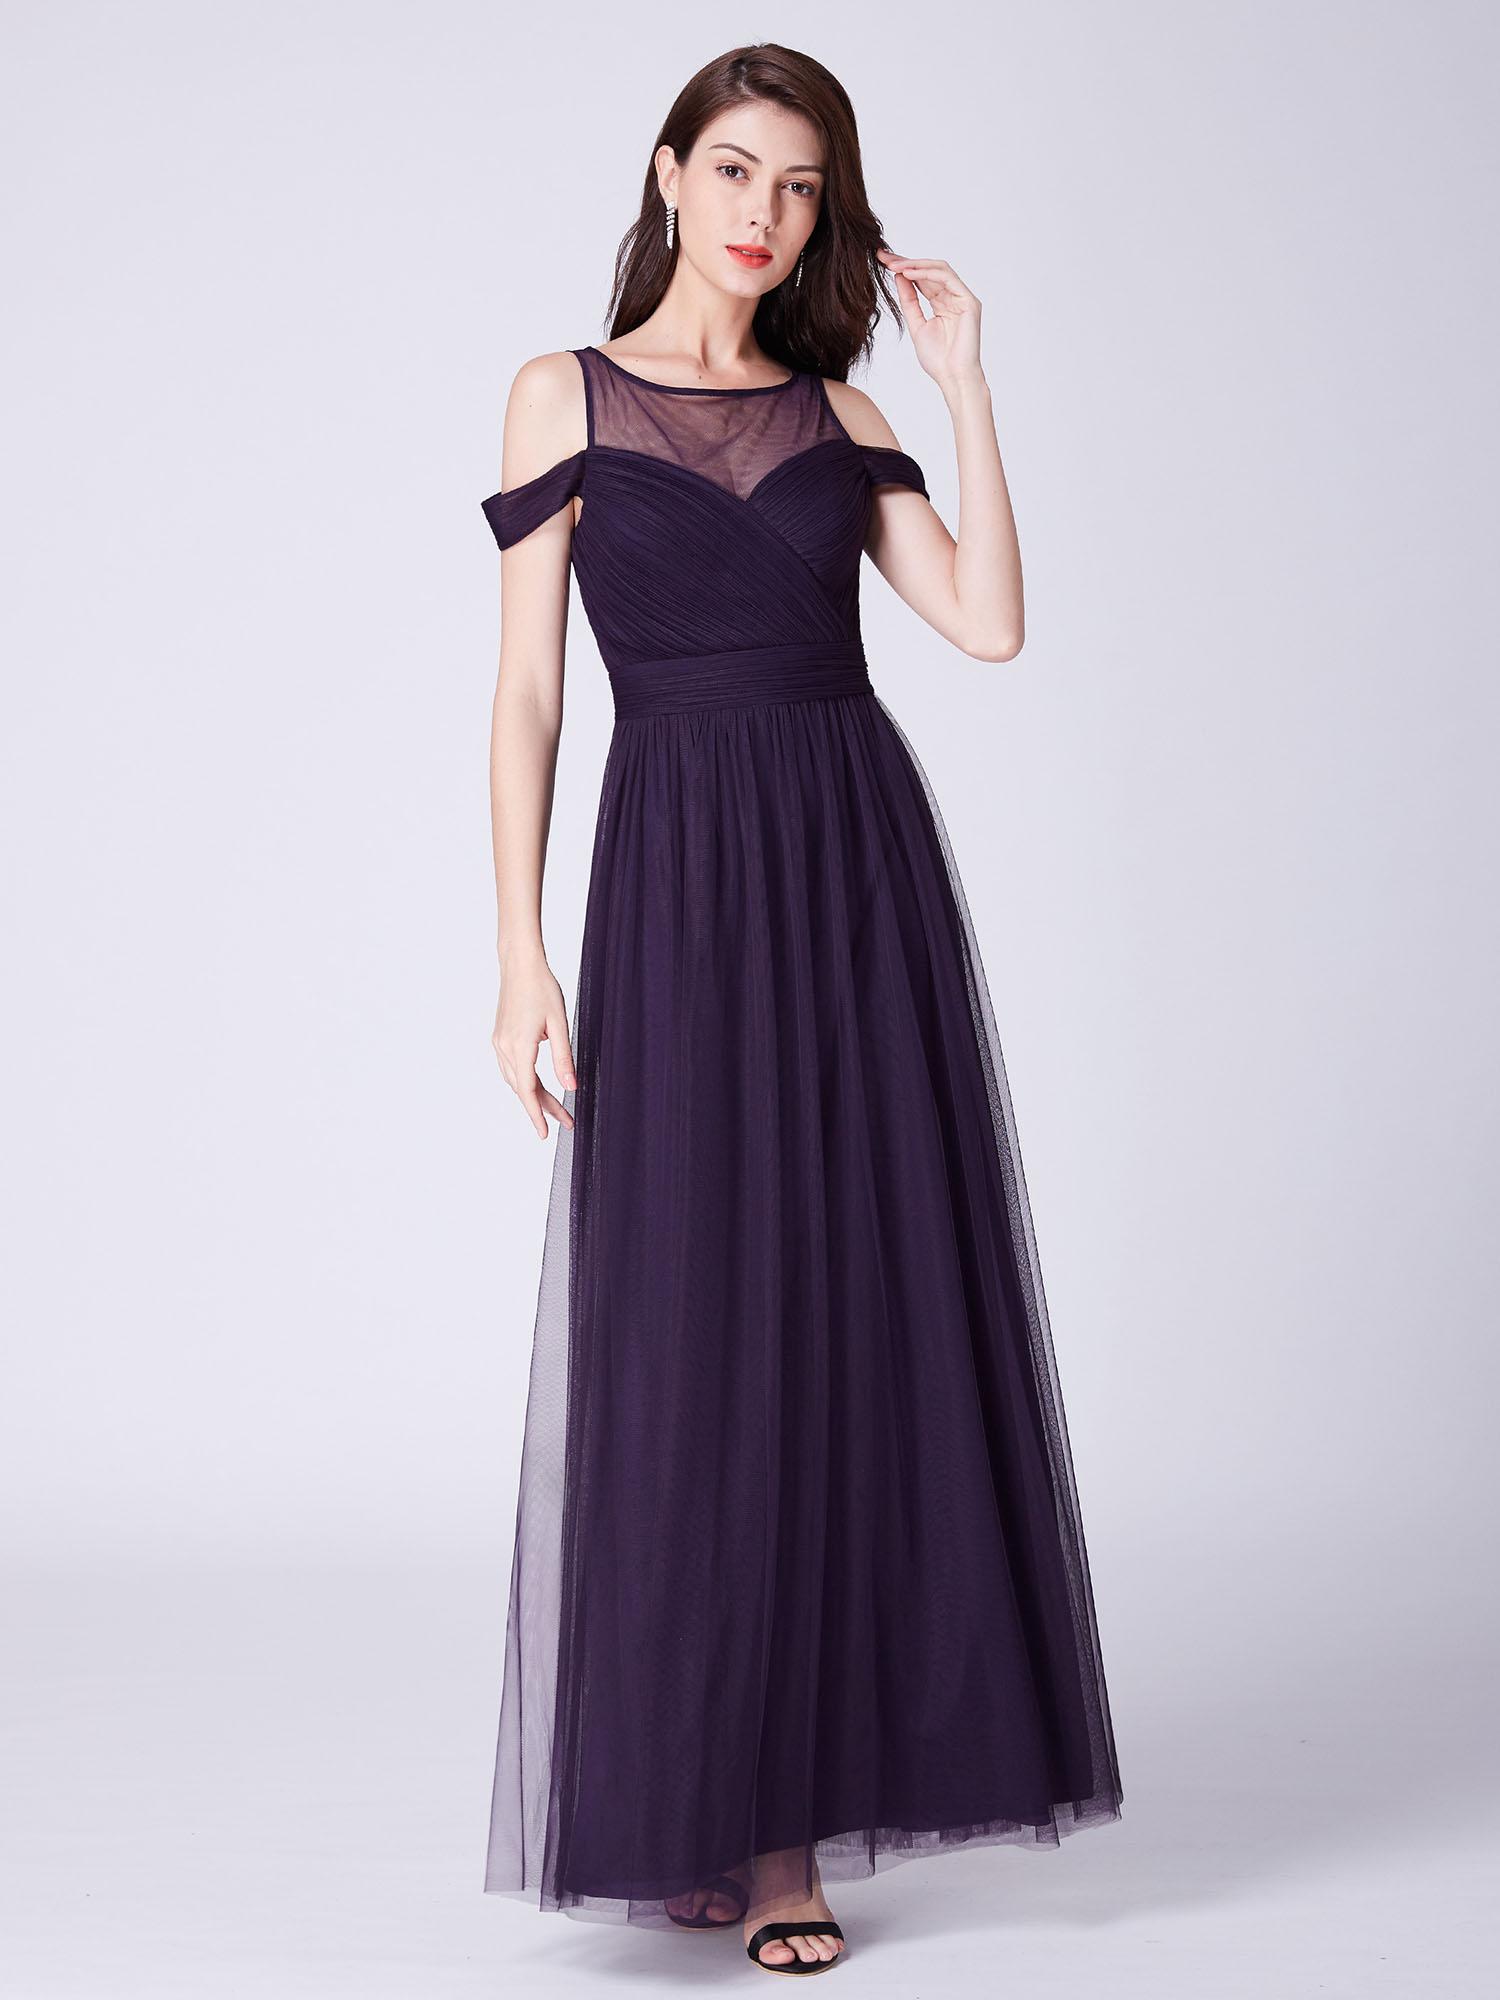 3d86e97d2ea Ever-Pretty Cold Shoulder A-line Bridesmaid Dresses Long Evening ...